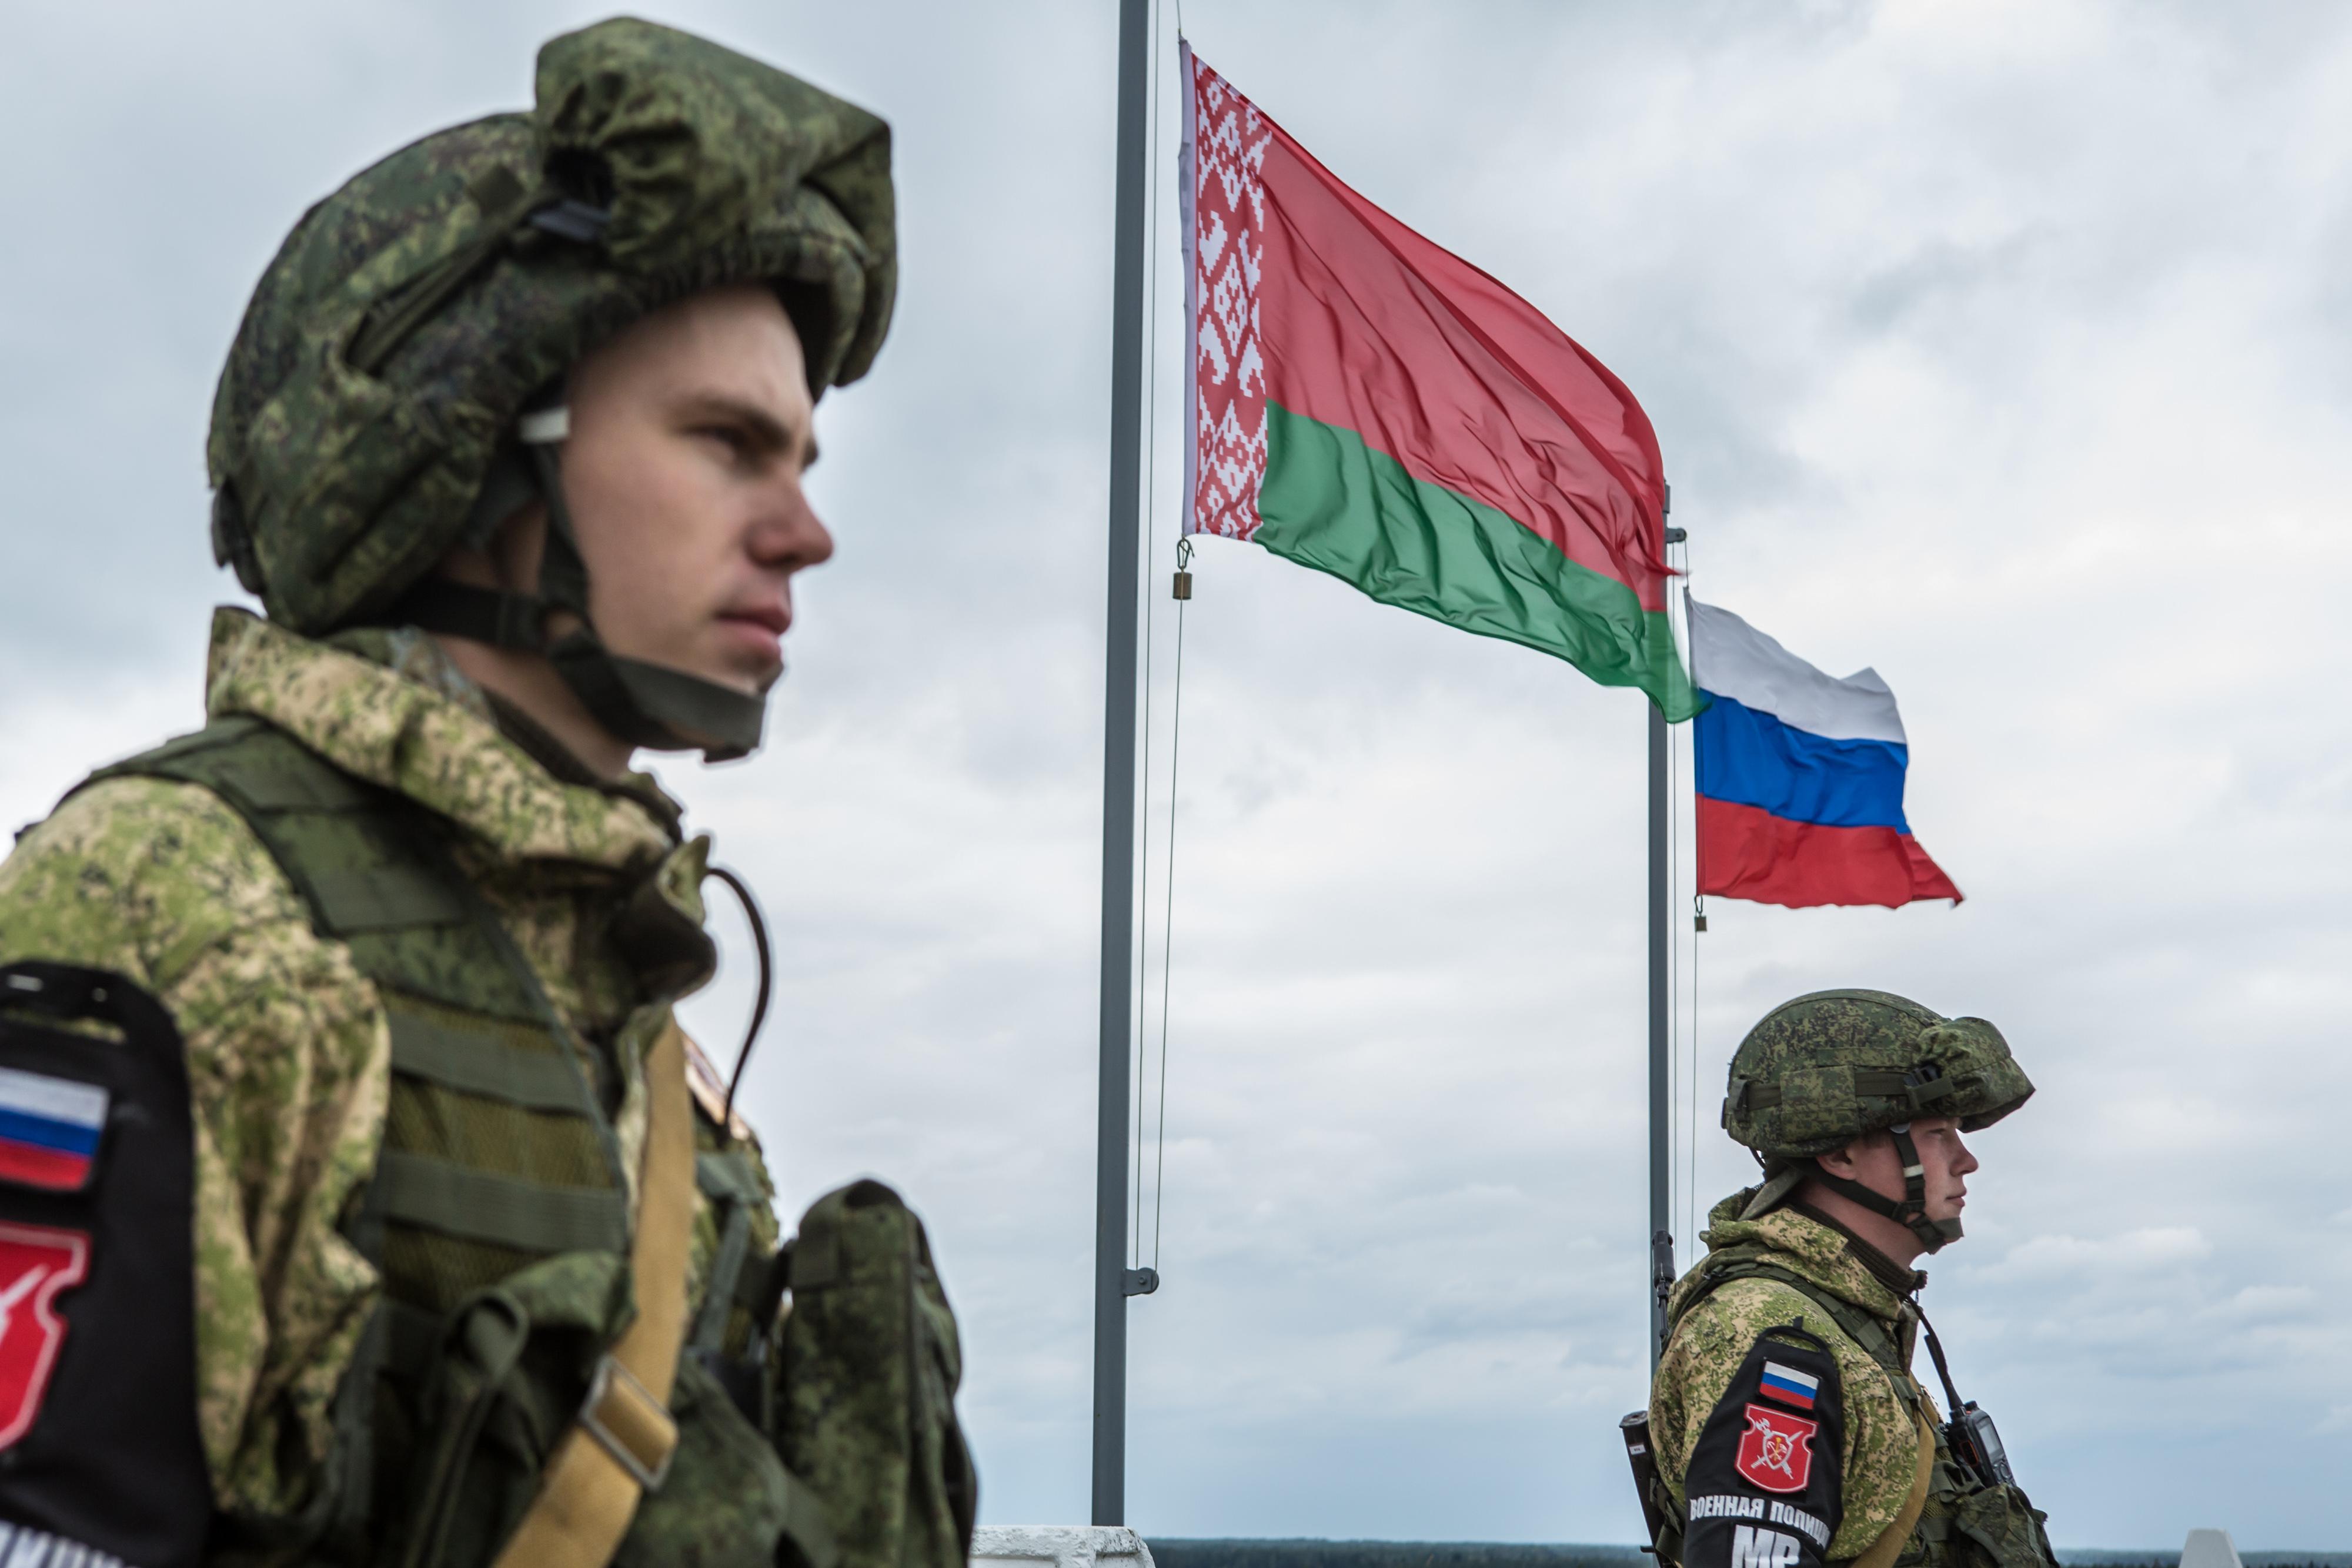 Relația-militară-strategică-dintre-Moscova-și-Minsk-îngrijorează-Kiev-ul